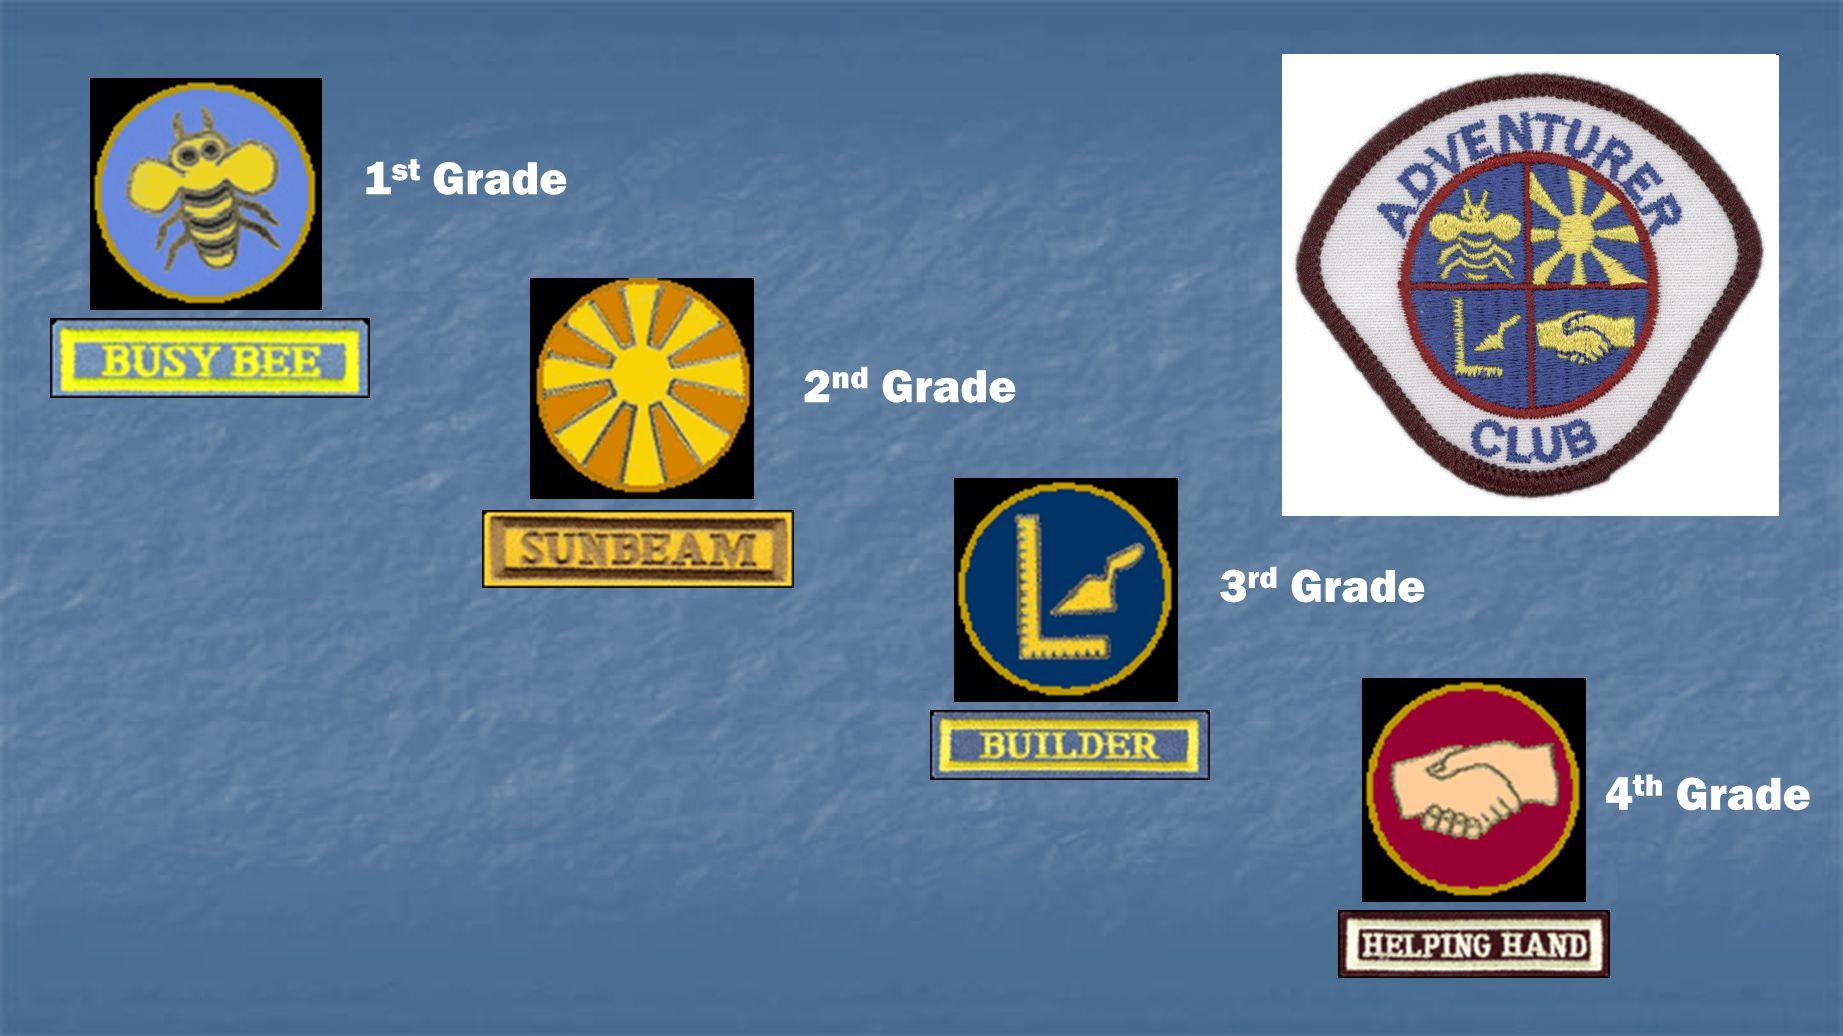 1st Grade 2nd Grade 3rd Grade 4th Grade